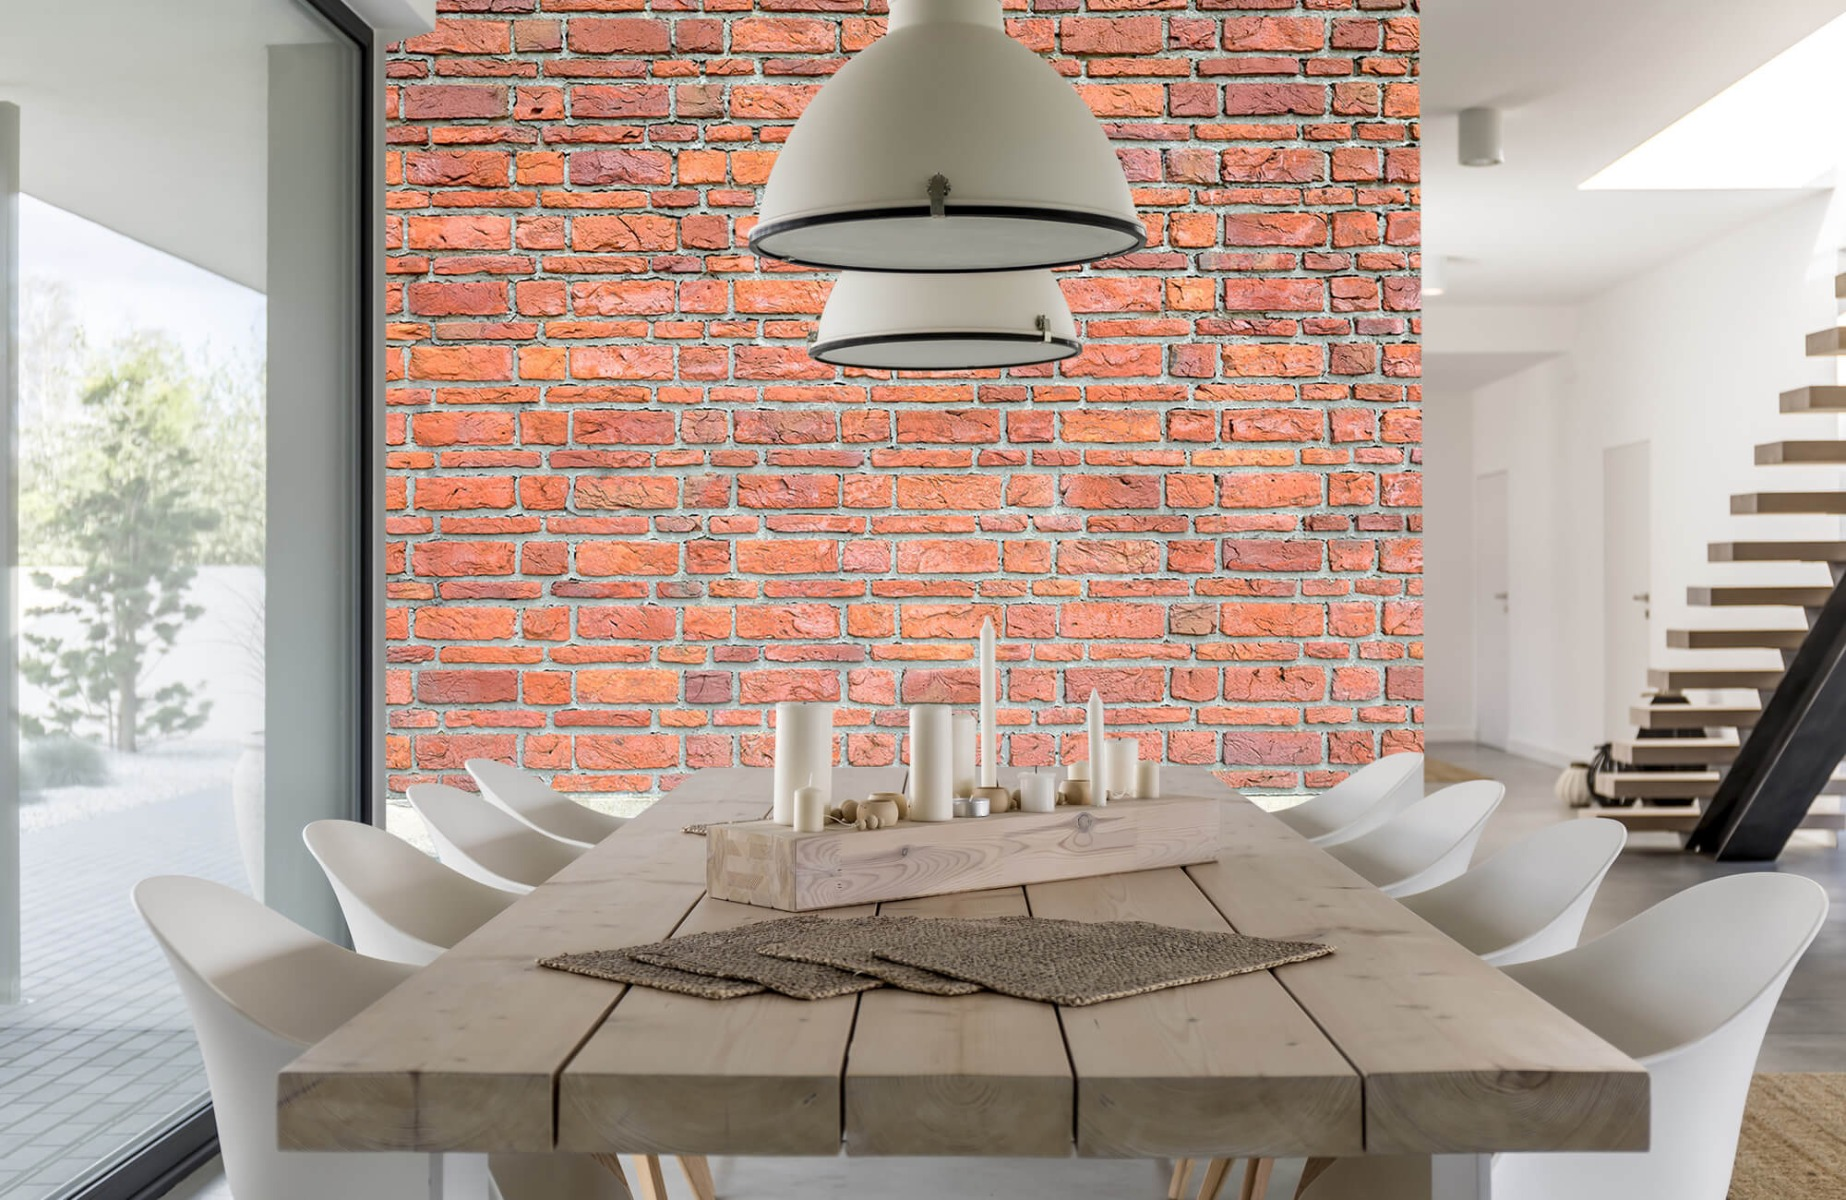 Steen behang - Bakstenen met oud beton - Wallexclusive - Slaapkamer 5